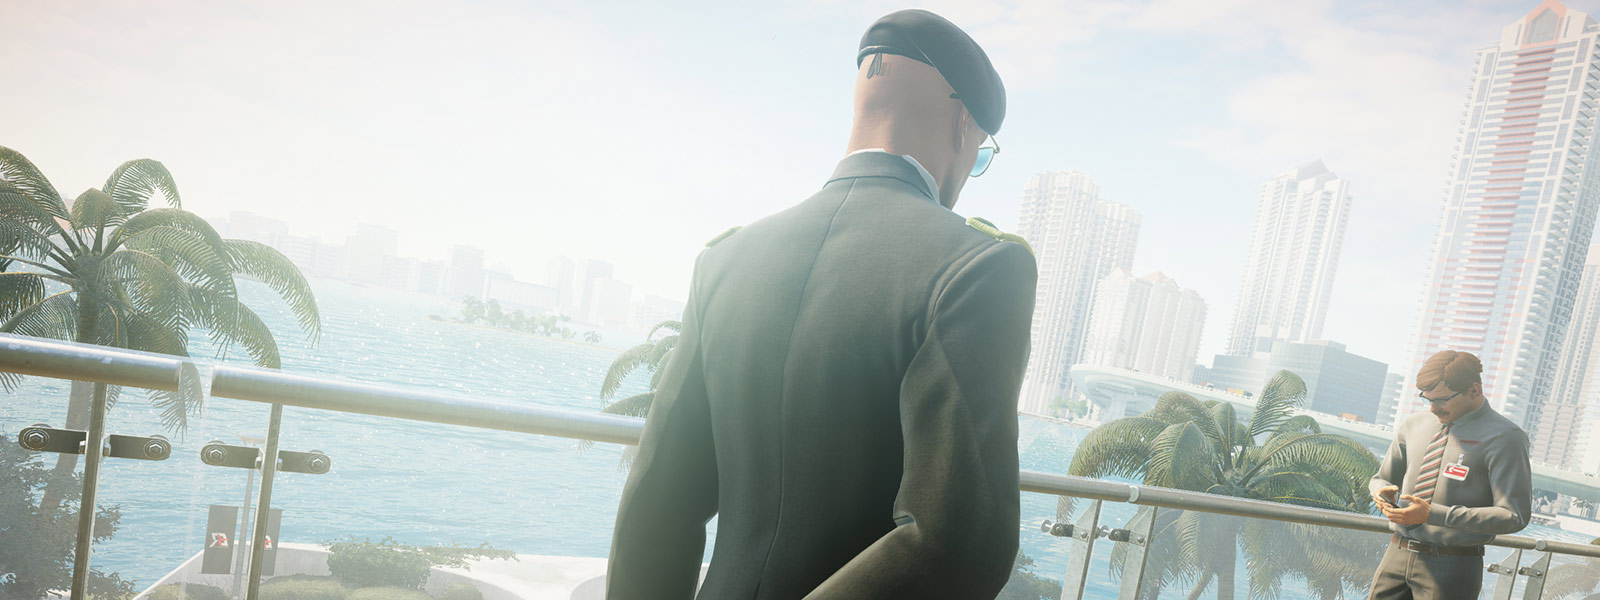 Agent 47 set bagfra, der står tæt på en racerbanearbejder i jakkesæt og slips